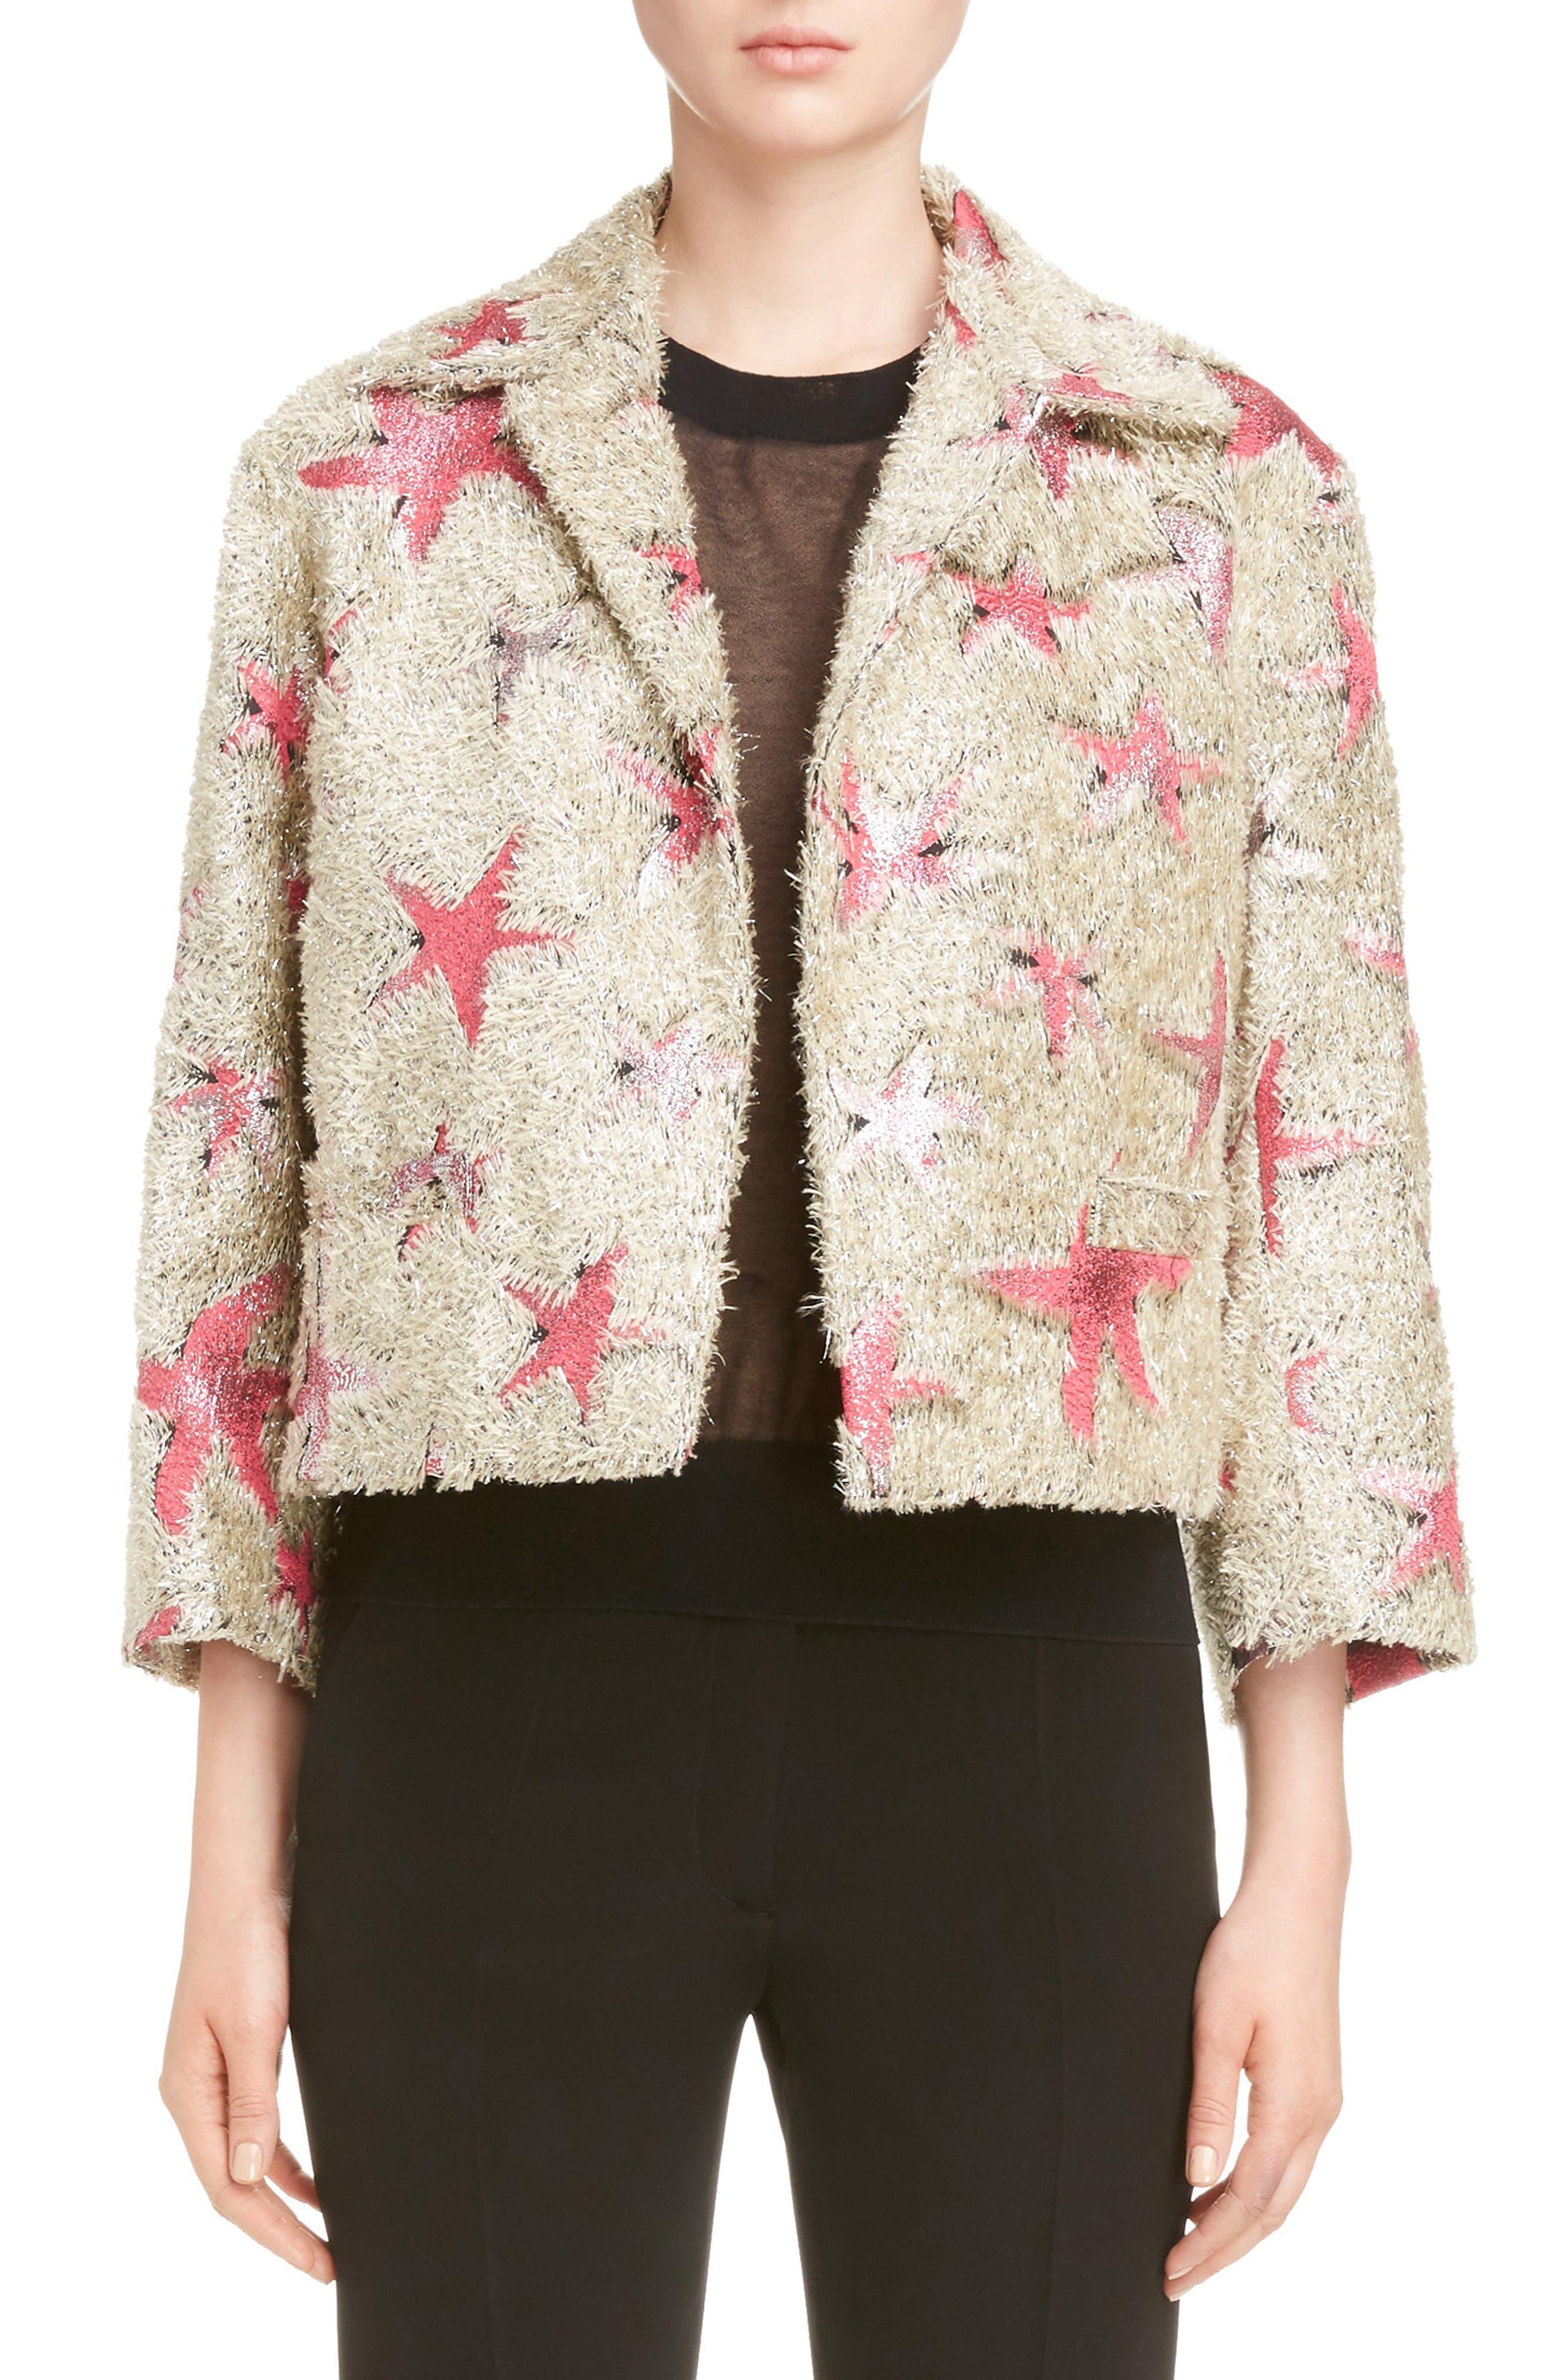 Starfish Shaggy Crop Jacket,                             Main thumbnail 1, color,                             710